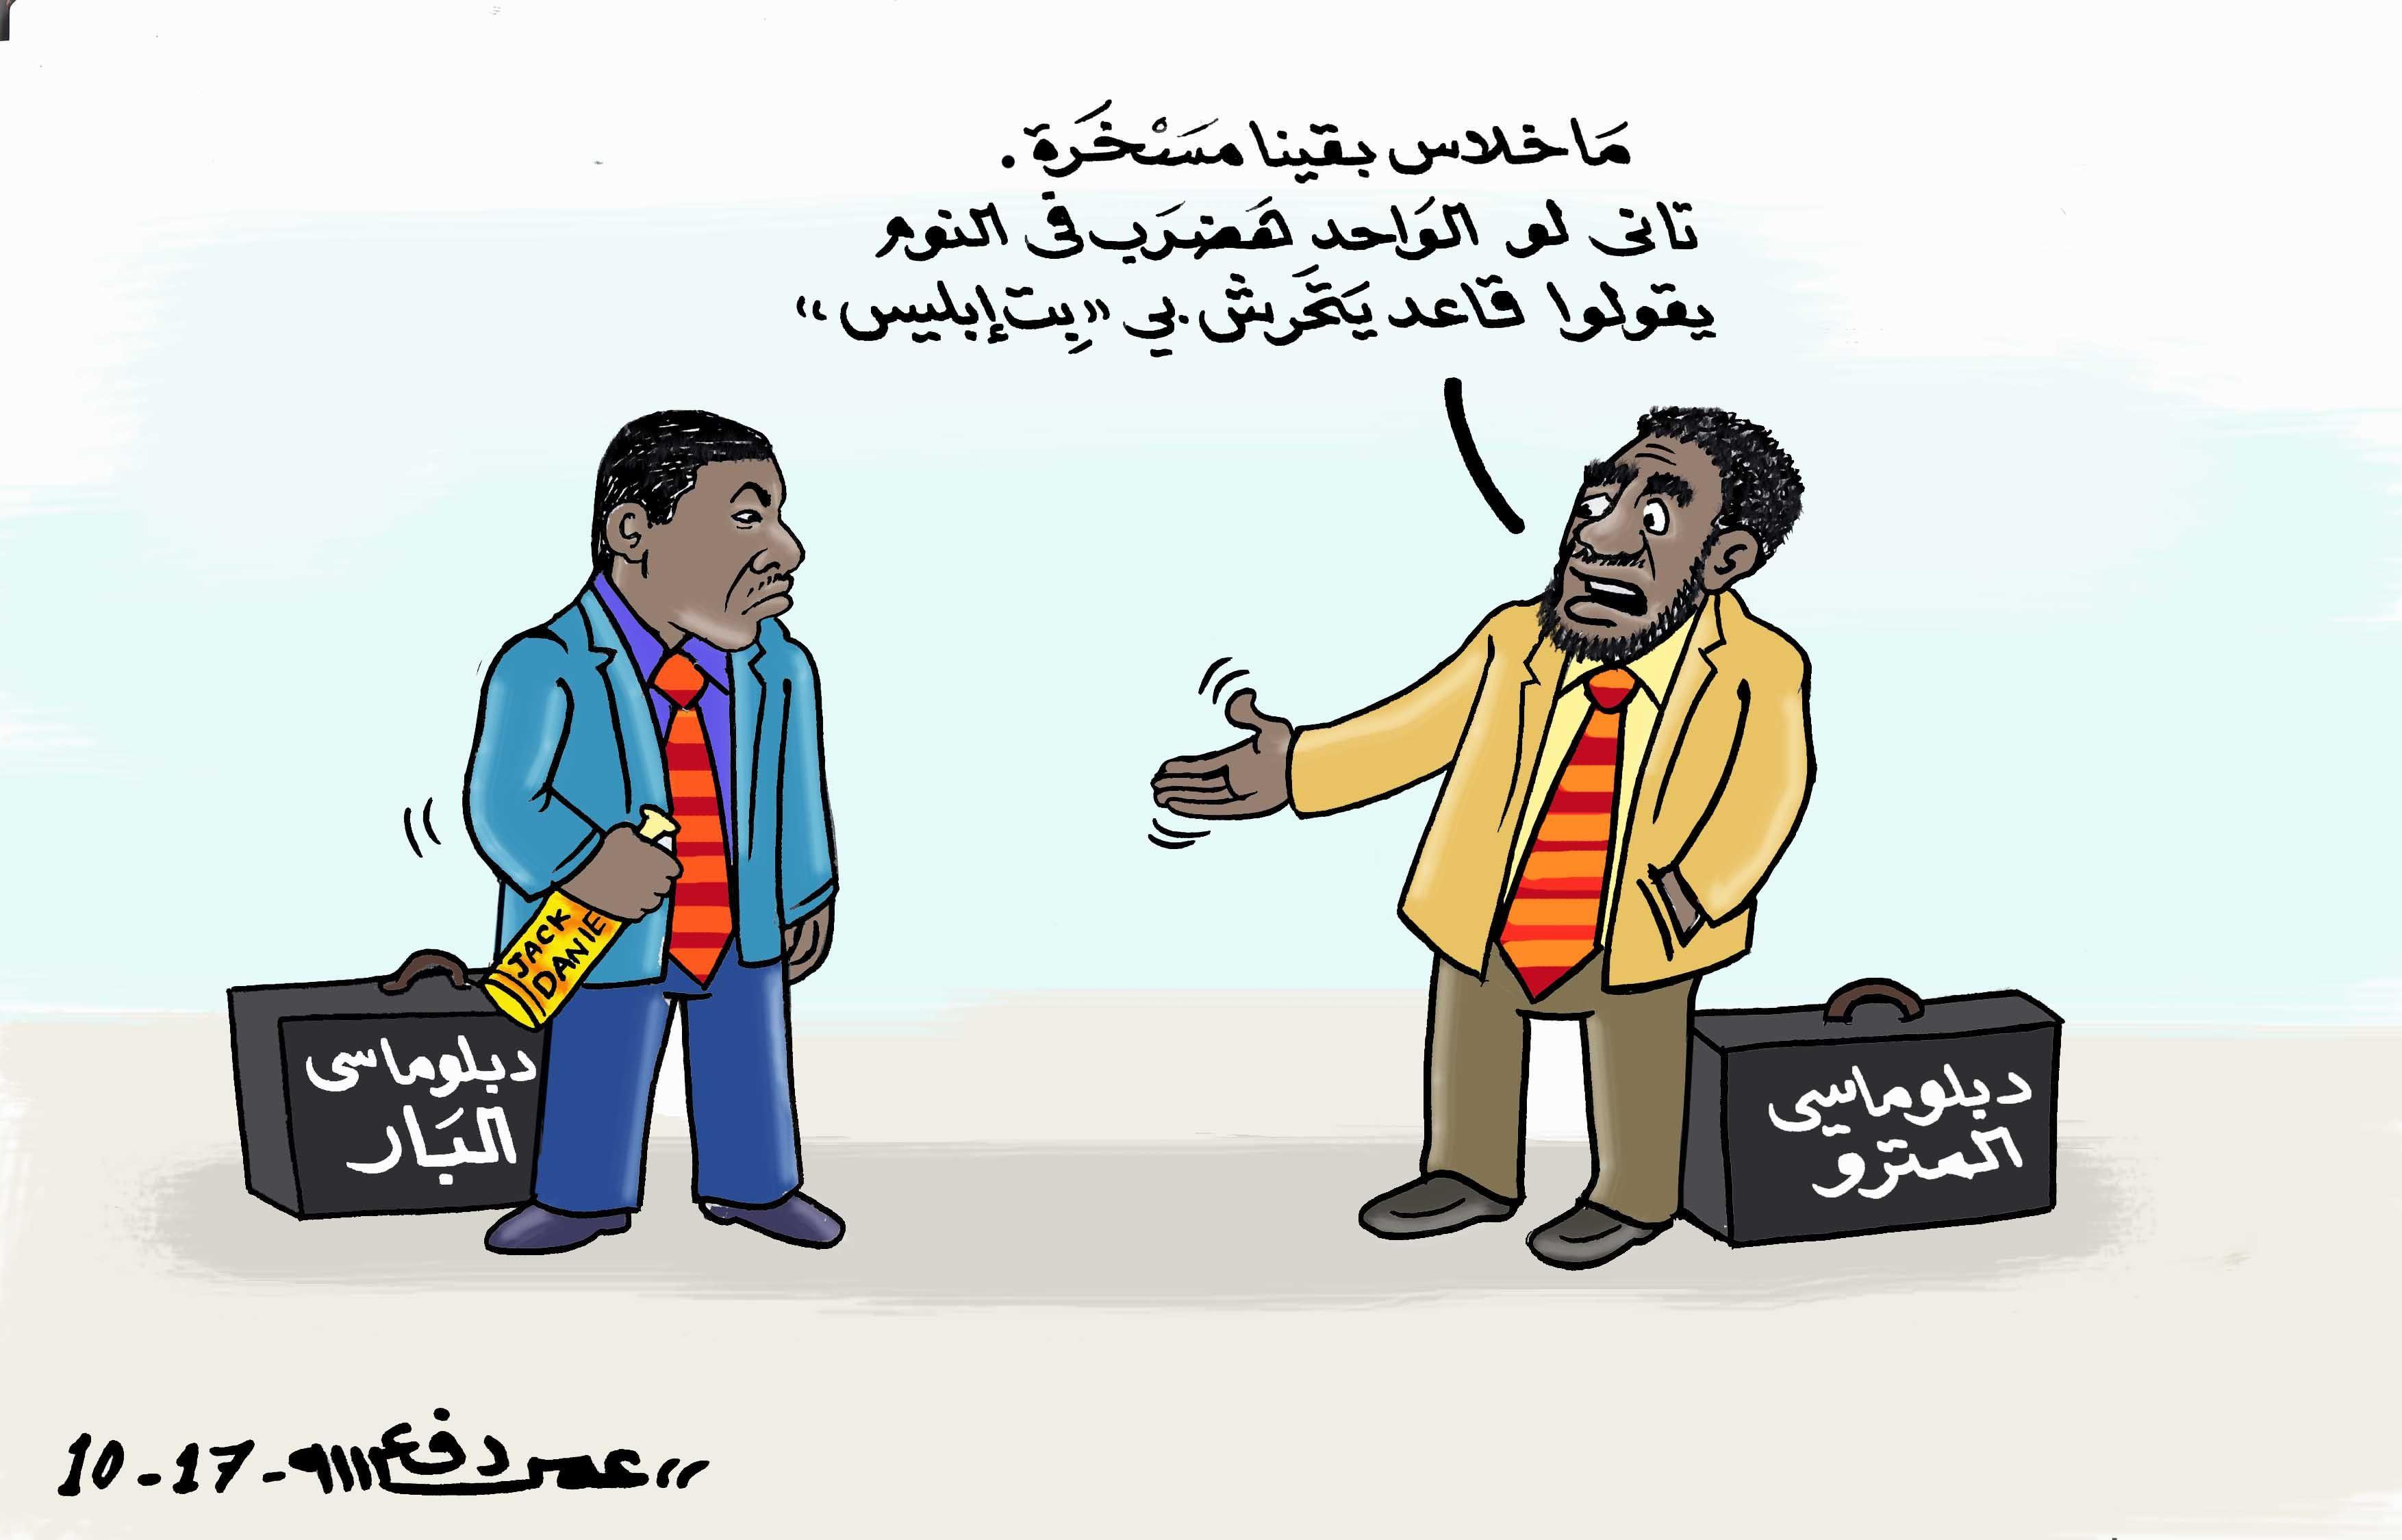 كاركاتير اليوم الموافق 12 أكتوبر 2017 للفنان عمر دفع الله